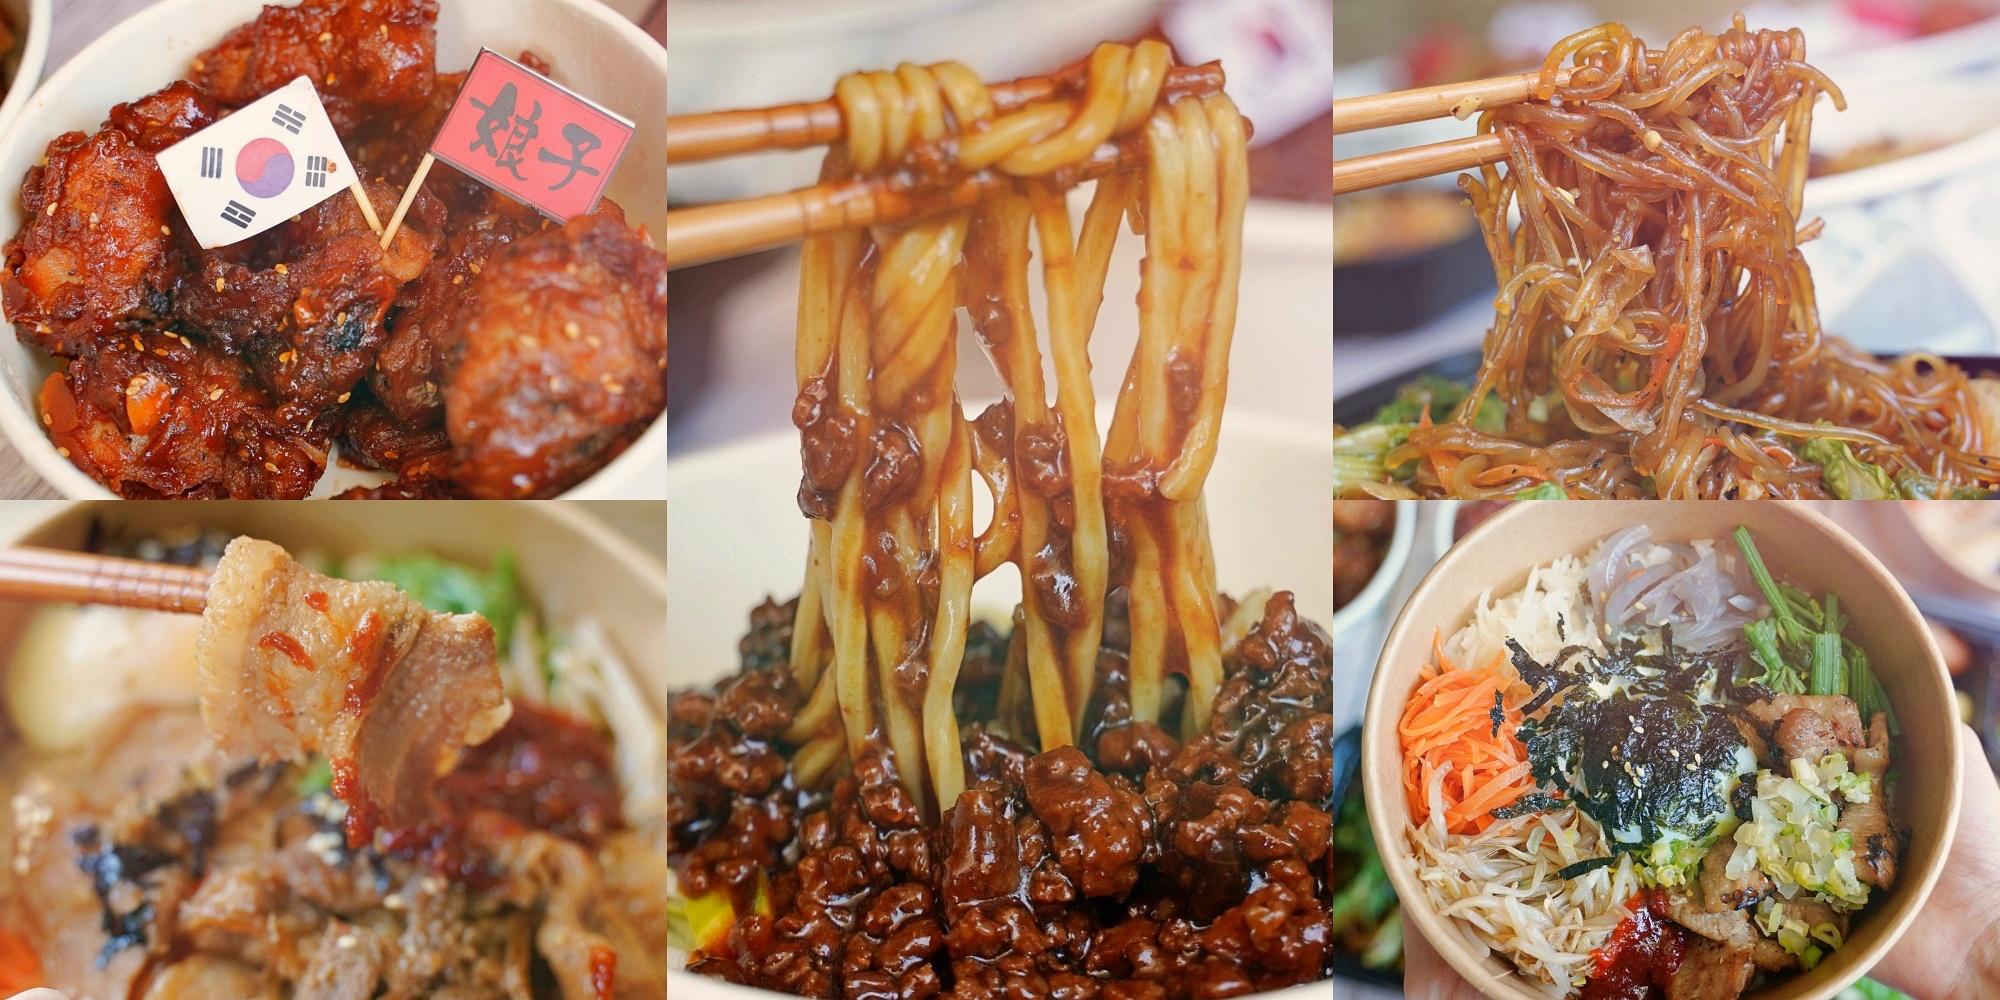 娘子韓食外帶外送 娘子韓式炸雞外帶外送 韓式料理外帶外送(菜單、價格)